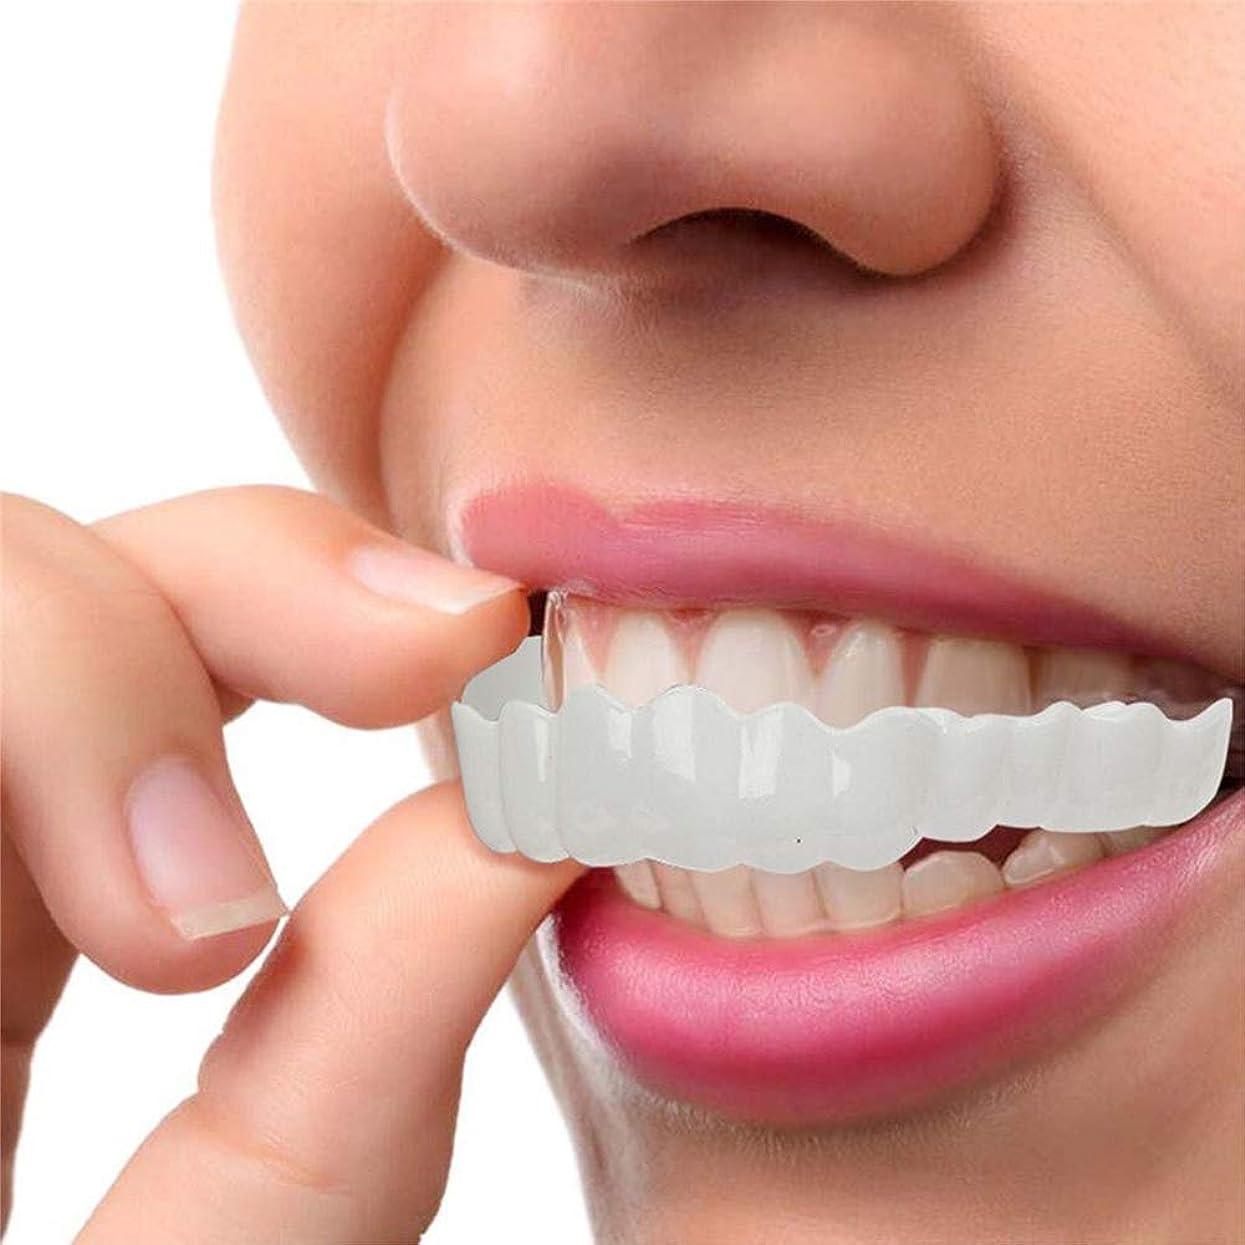 含めるキャッシュから2セット、白い歯をきれいにするためのコンフォートフィットフレックス歯ソケット、化粧品の歯、スーパーコンフォート、コンフォートフィット